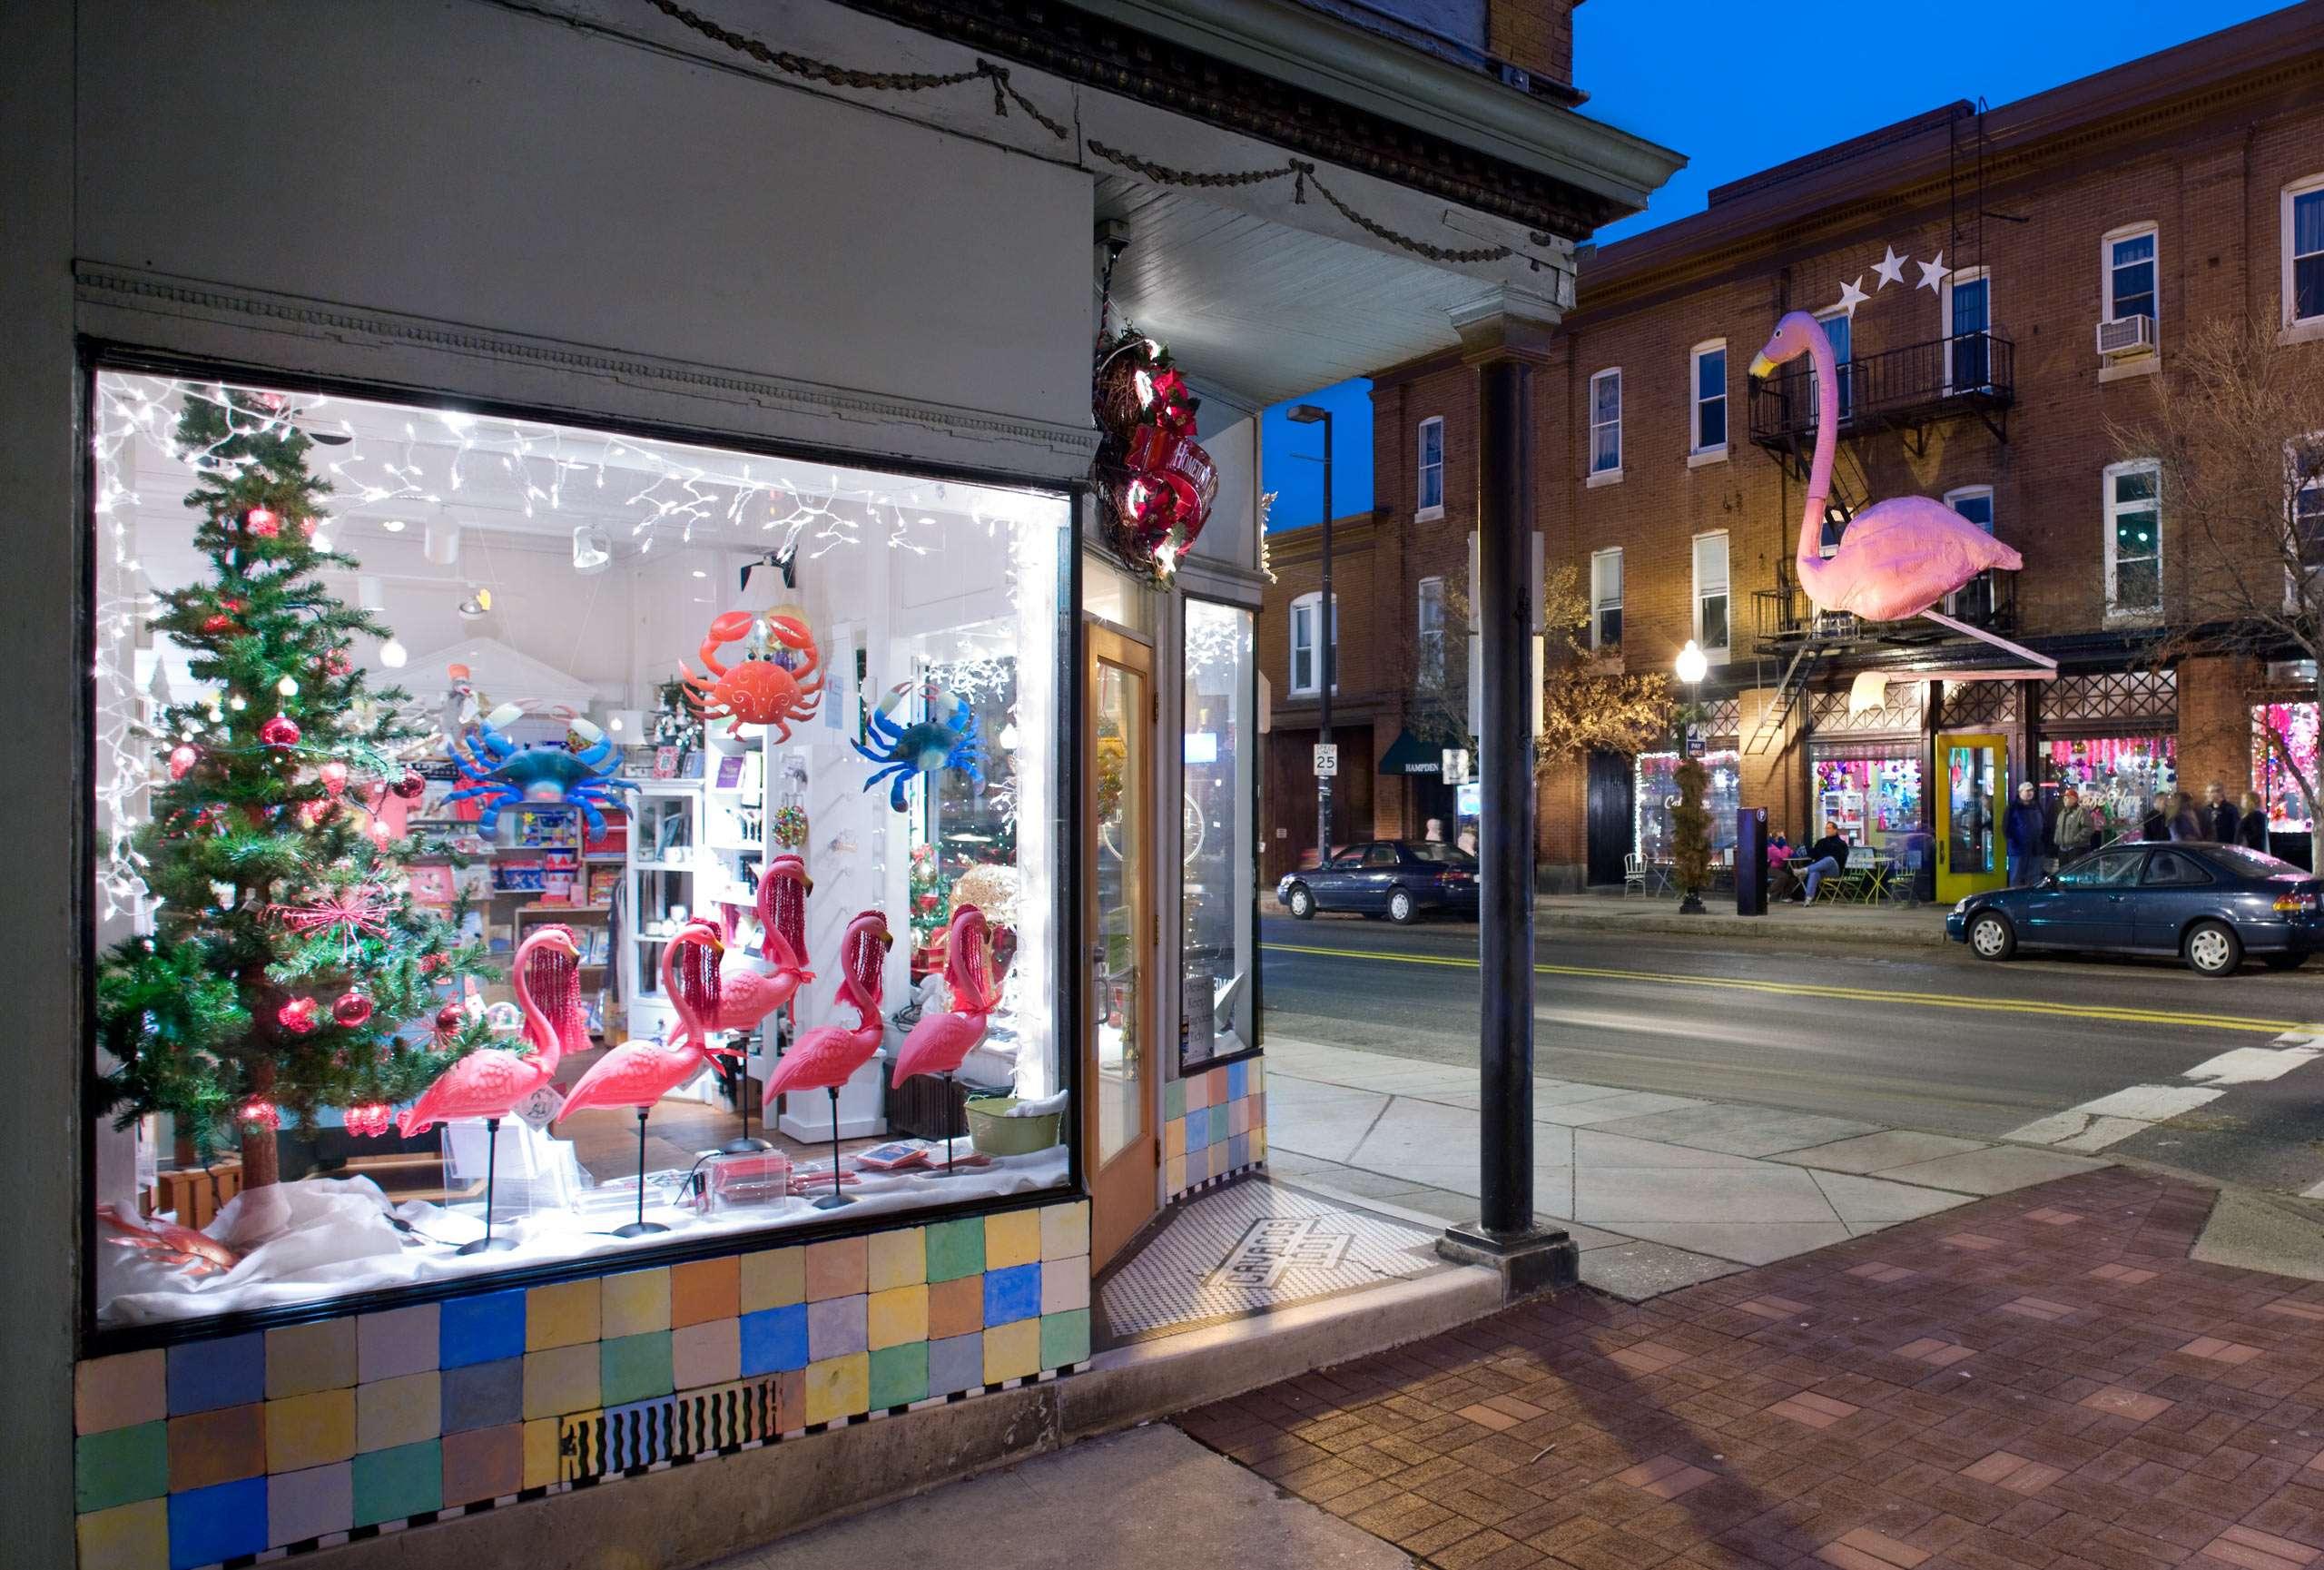 PORTFOLIO - Baltimore - Neighborhoods  #16  Hampden Shop with Christmas Decorations